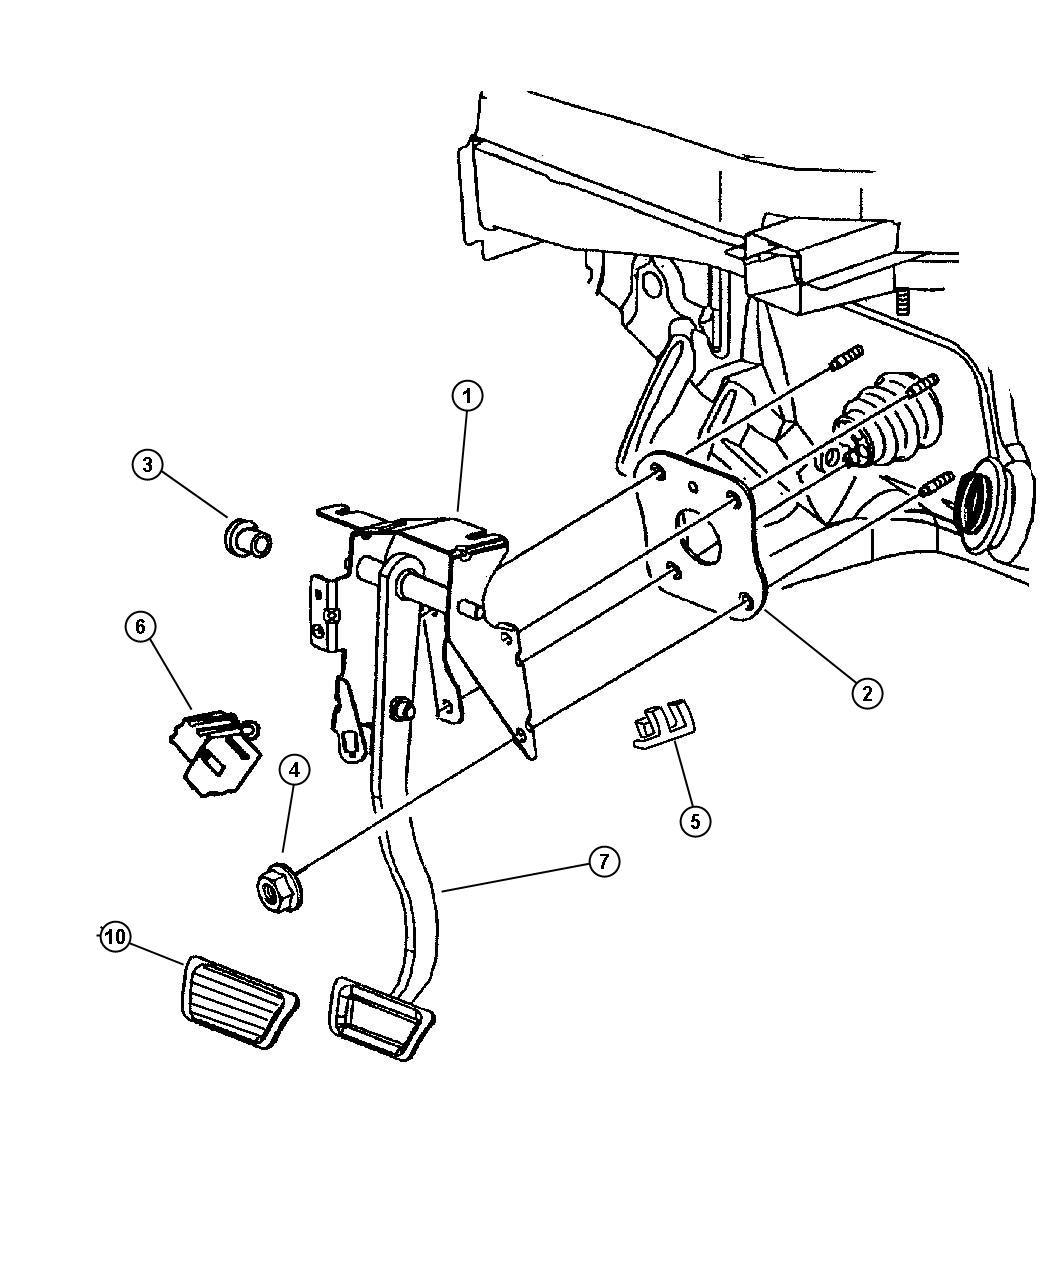 2000 Chrysler Lhs 4-DR Pedal, Brake.